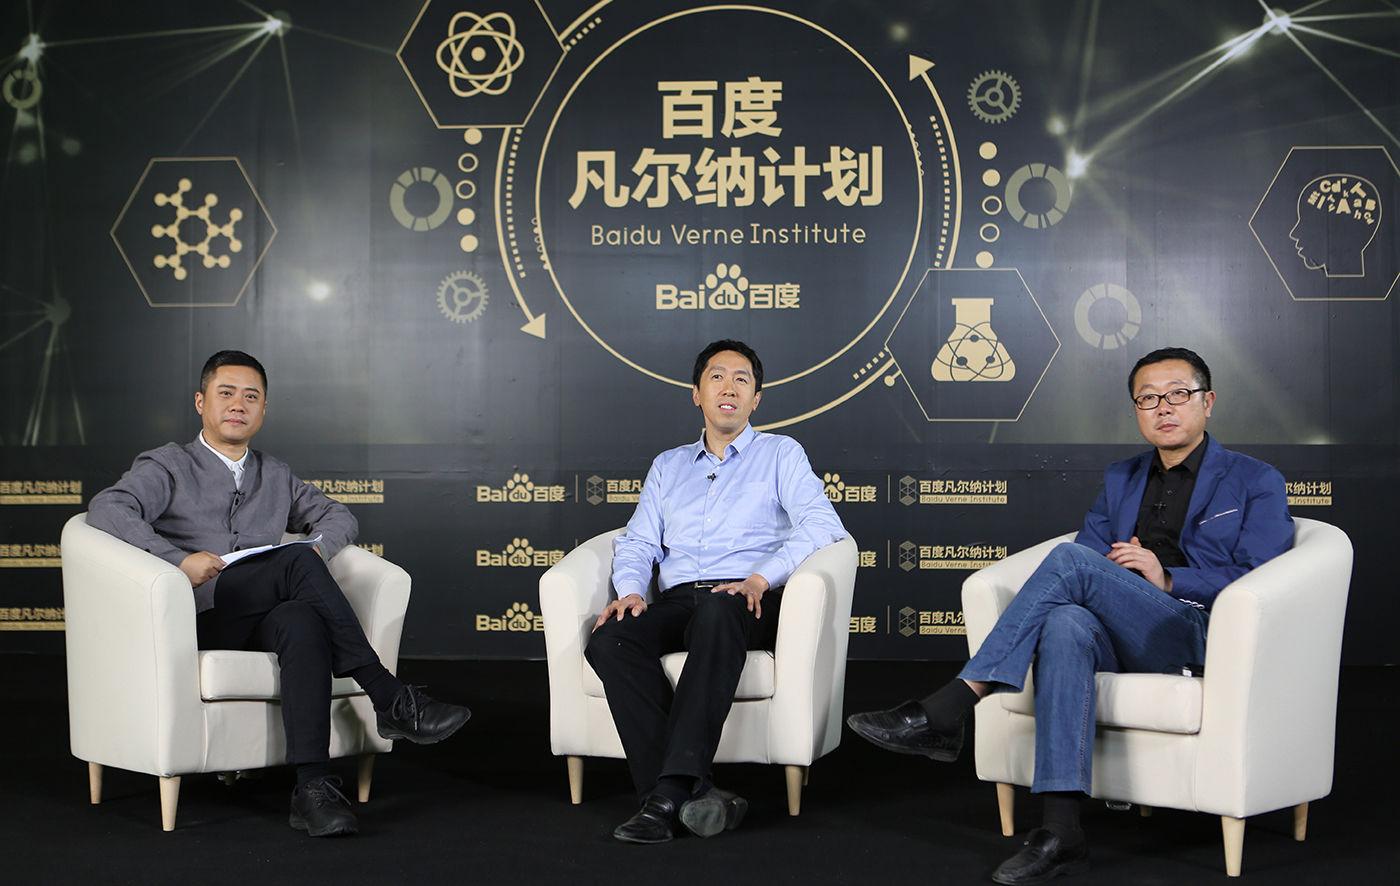 吴恩达对话刘慈欣:人工智能的未来 20 年会怎样?